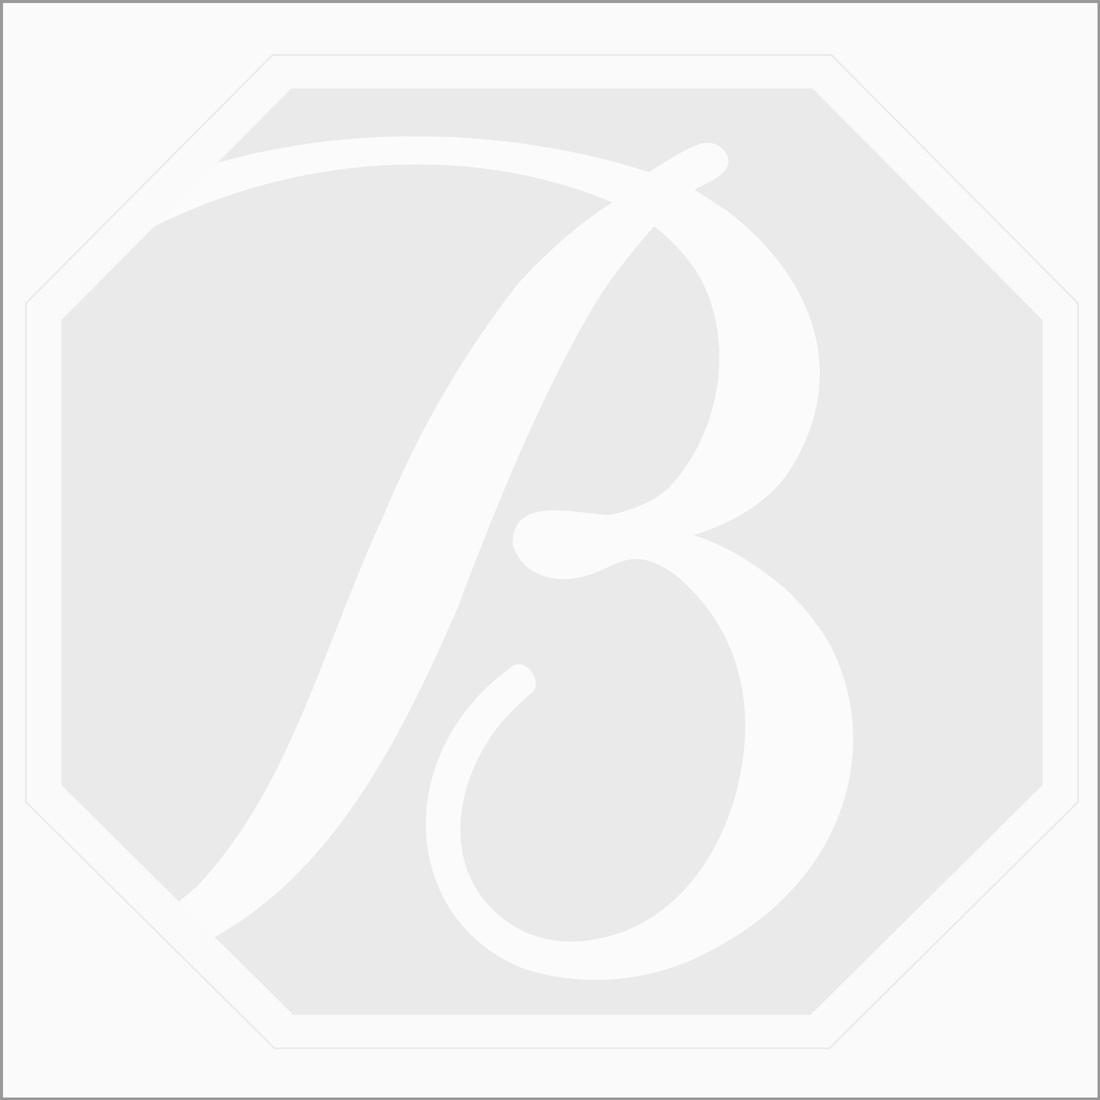 1 Piece - Light Brown Sapphire Rose Cut - 17.50 mm - 32.74 carats (MSRC1258)